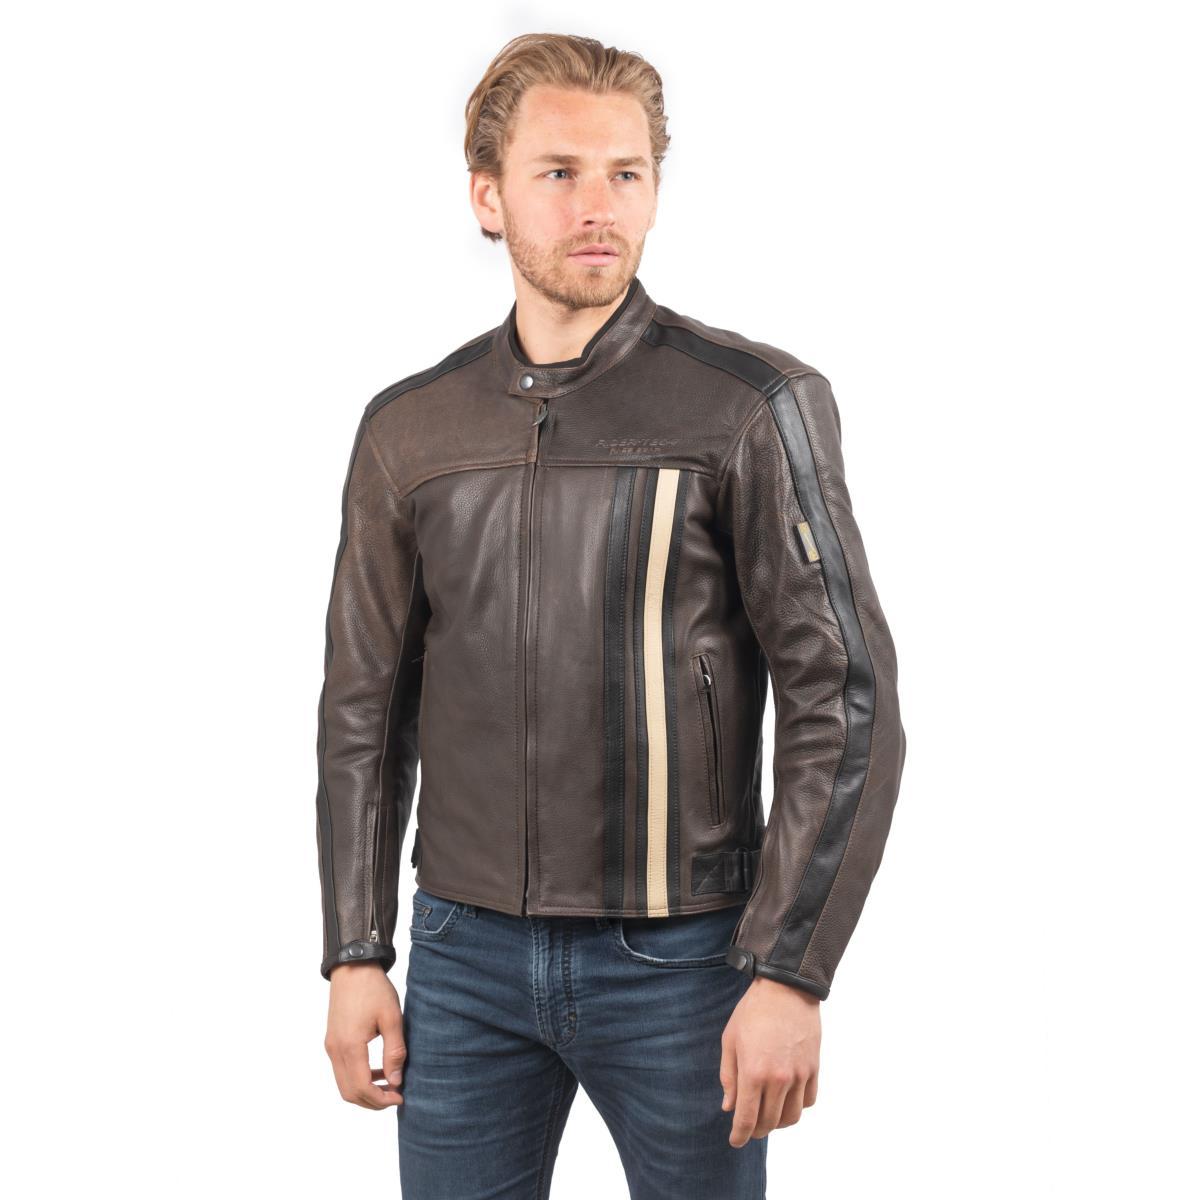 Blouson de Moto Homme Rétro Rider-Tec Cuir Marron & Beige